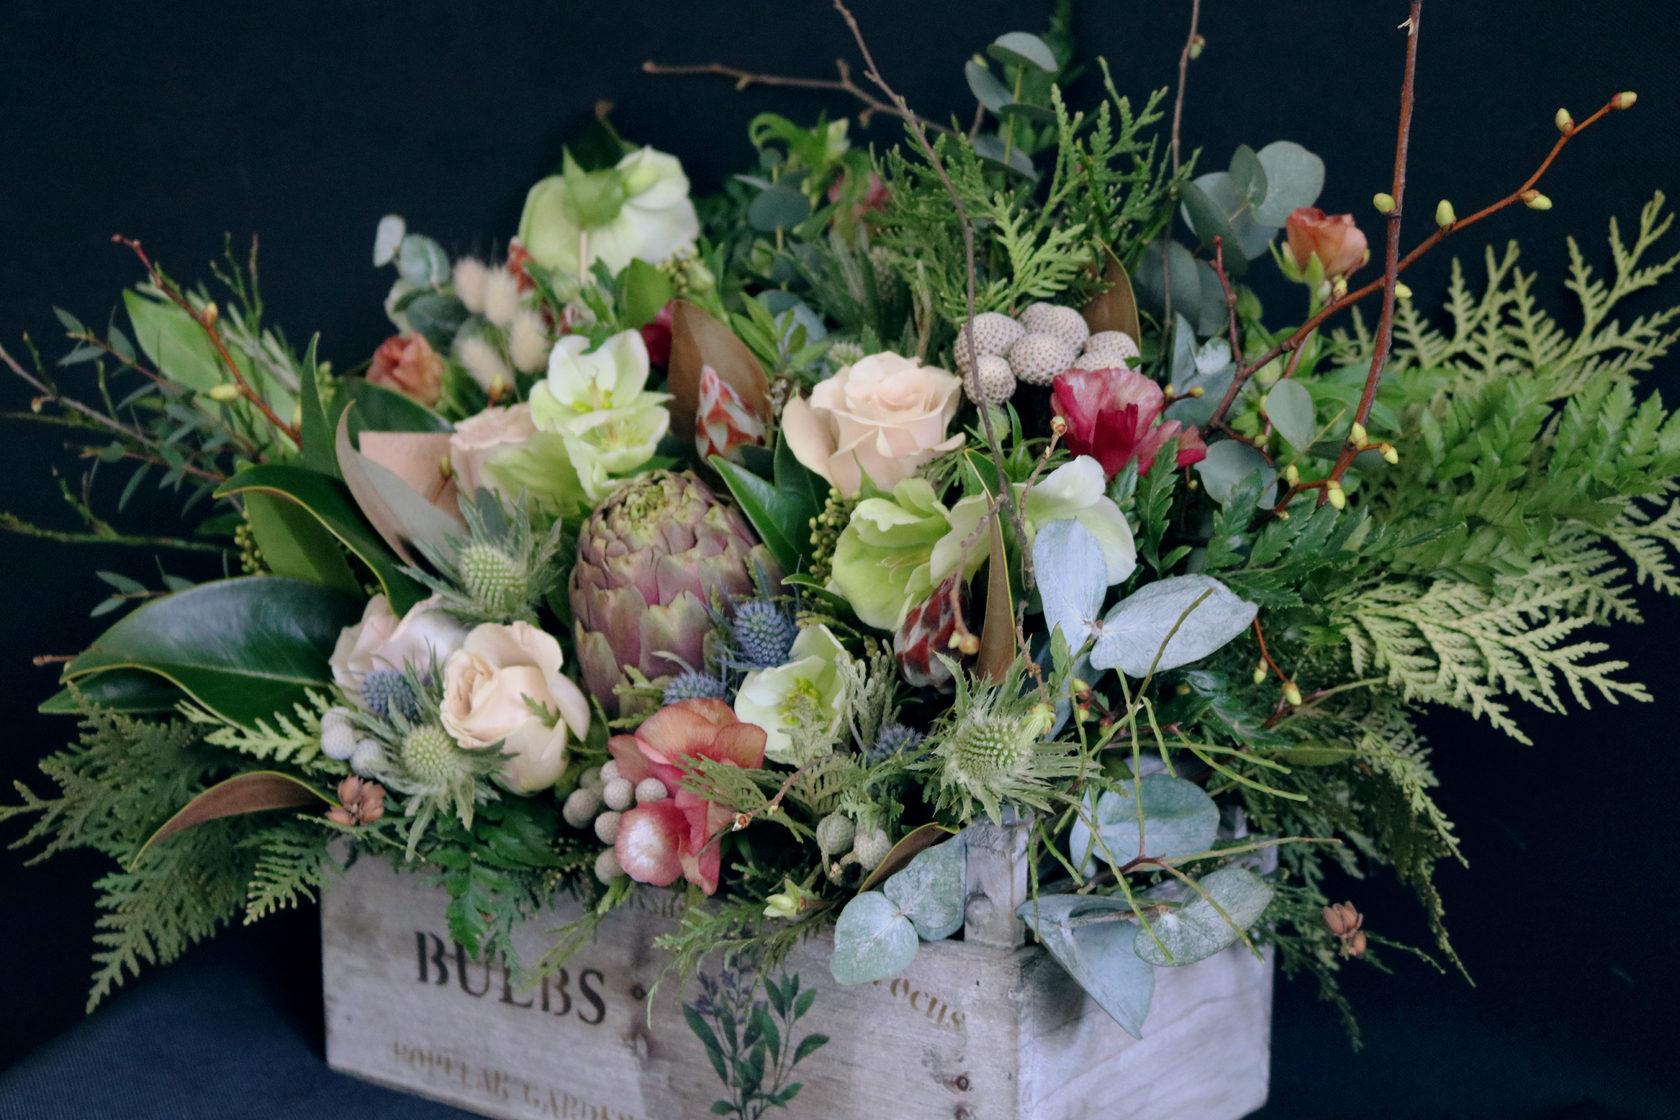 тебе цветы для мужчины на день рождения фото гиповентиляция